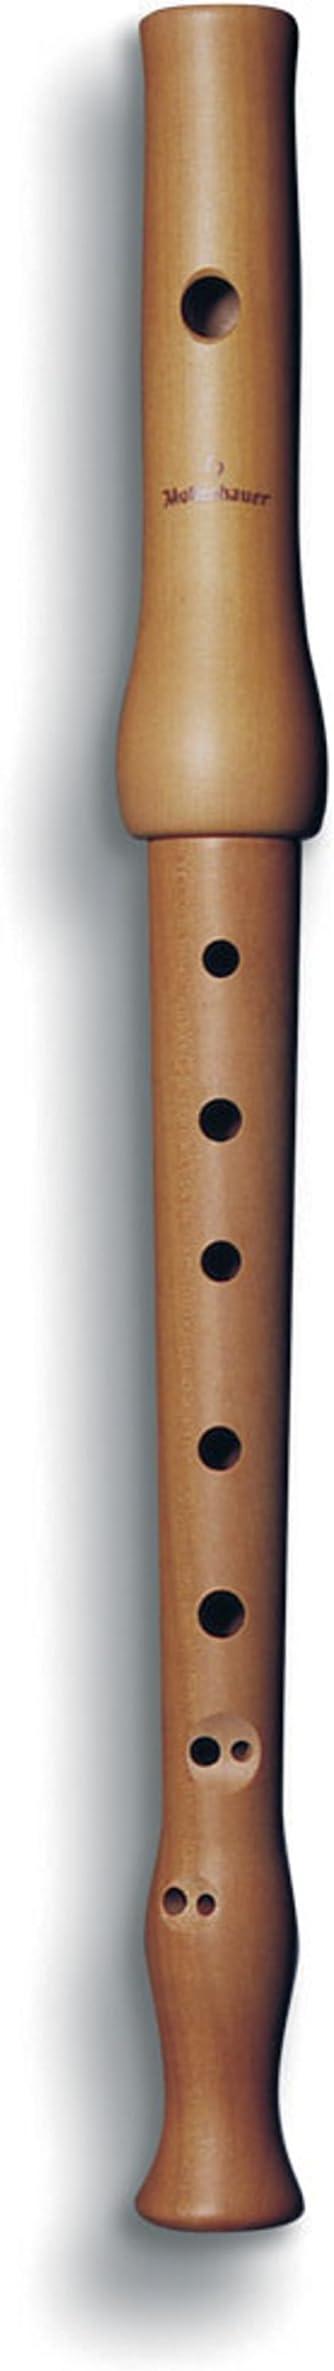 Small Recorder 8105 Picco